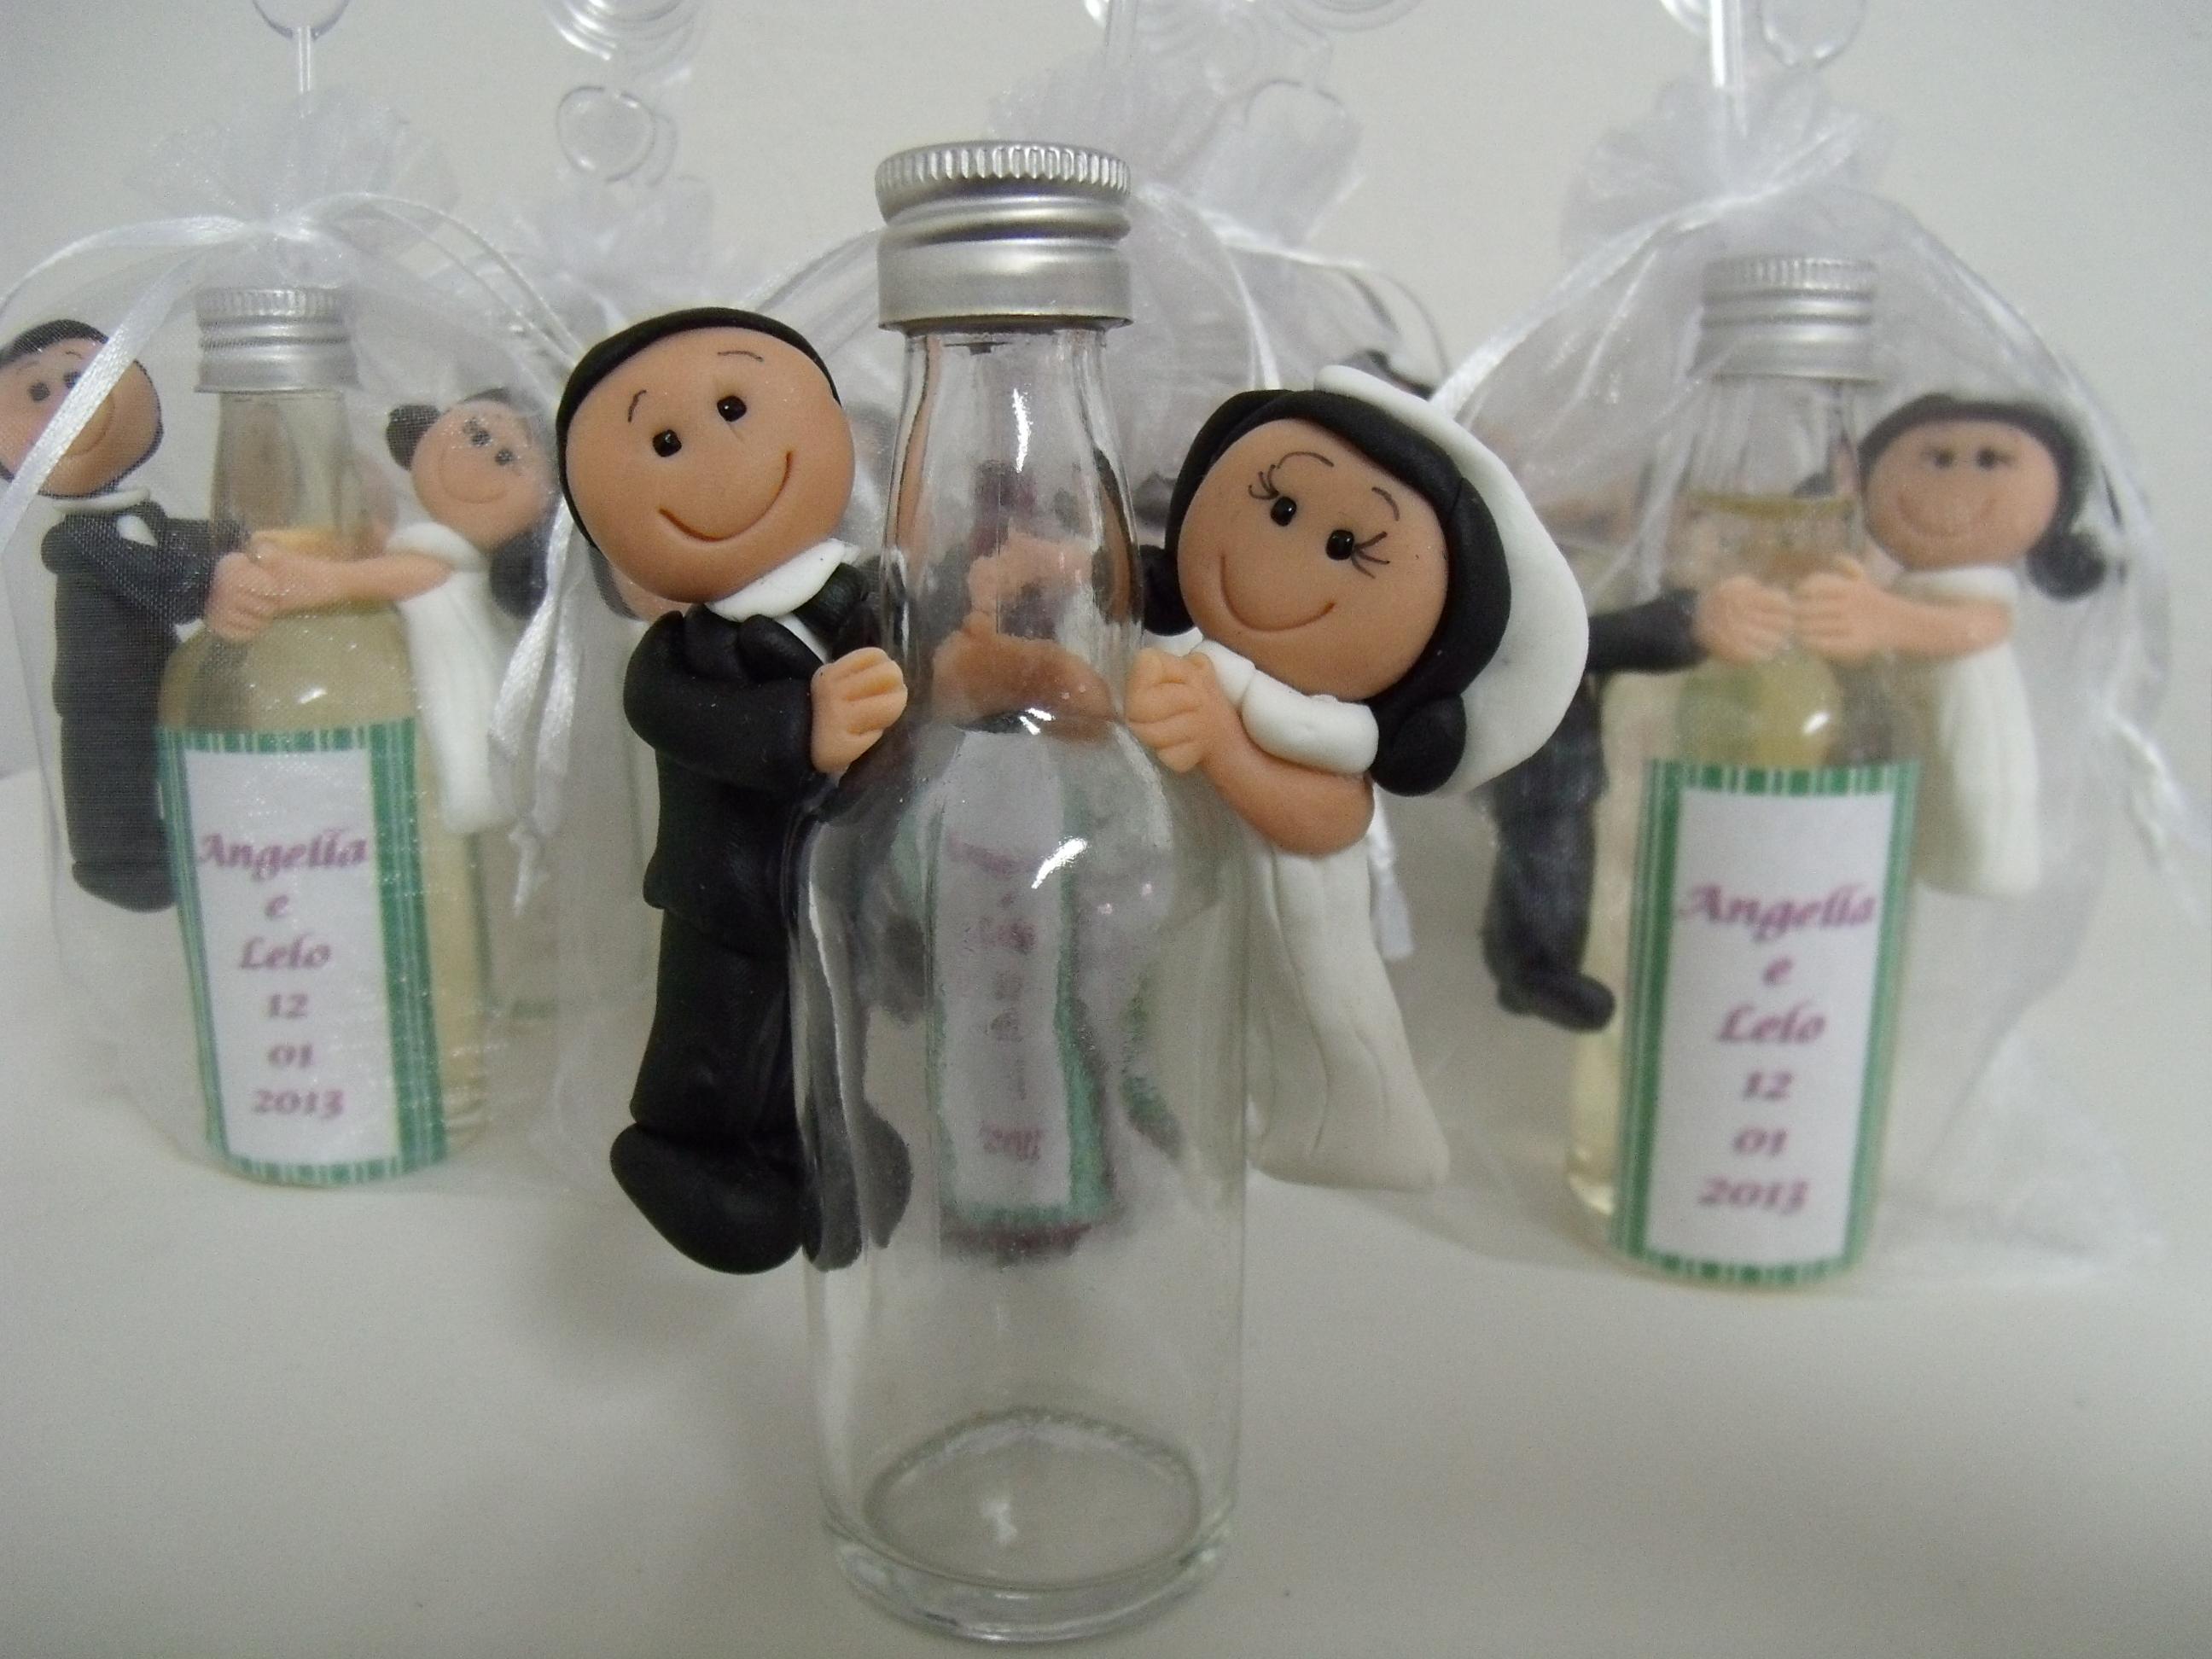 Bolsa De Lembrancinha De Casamento : Lembrancinha casamento diferente tati merino biscuit elo